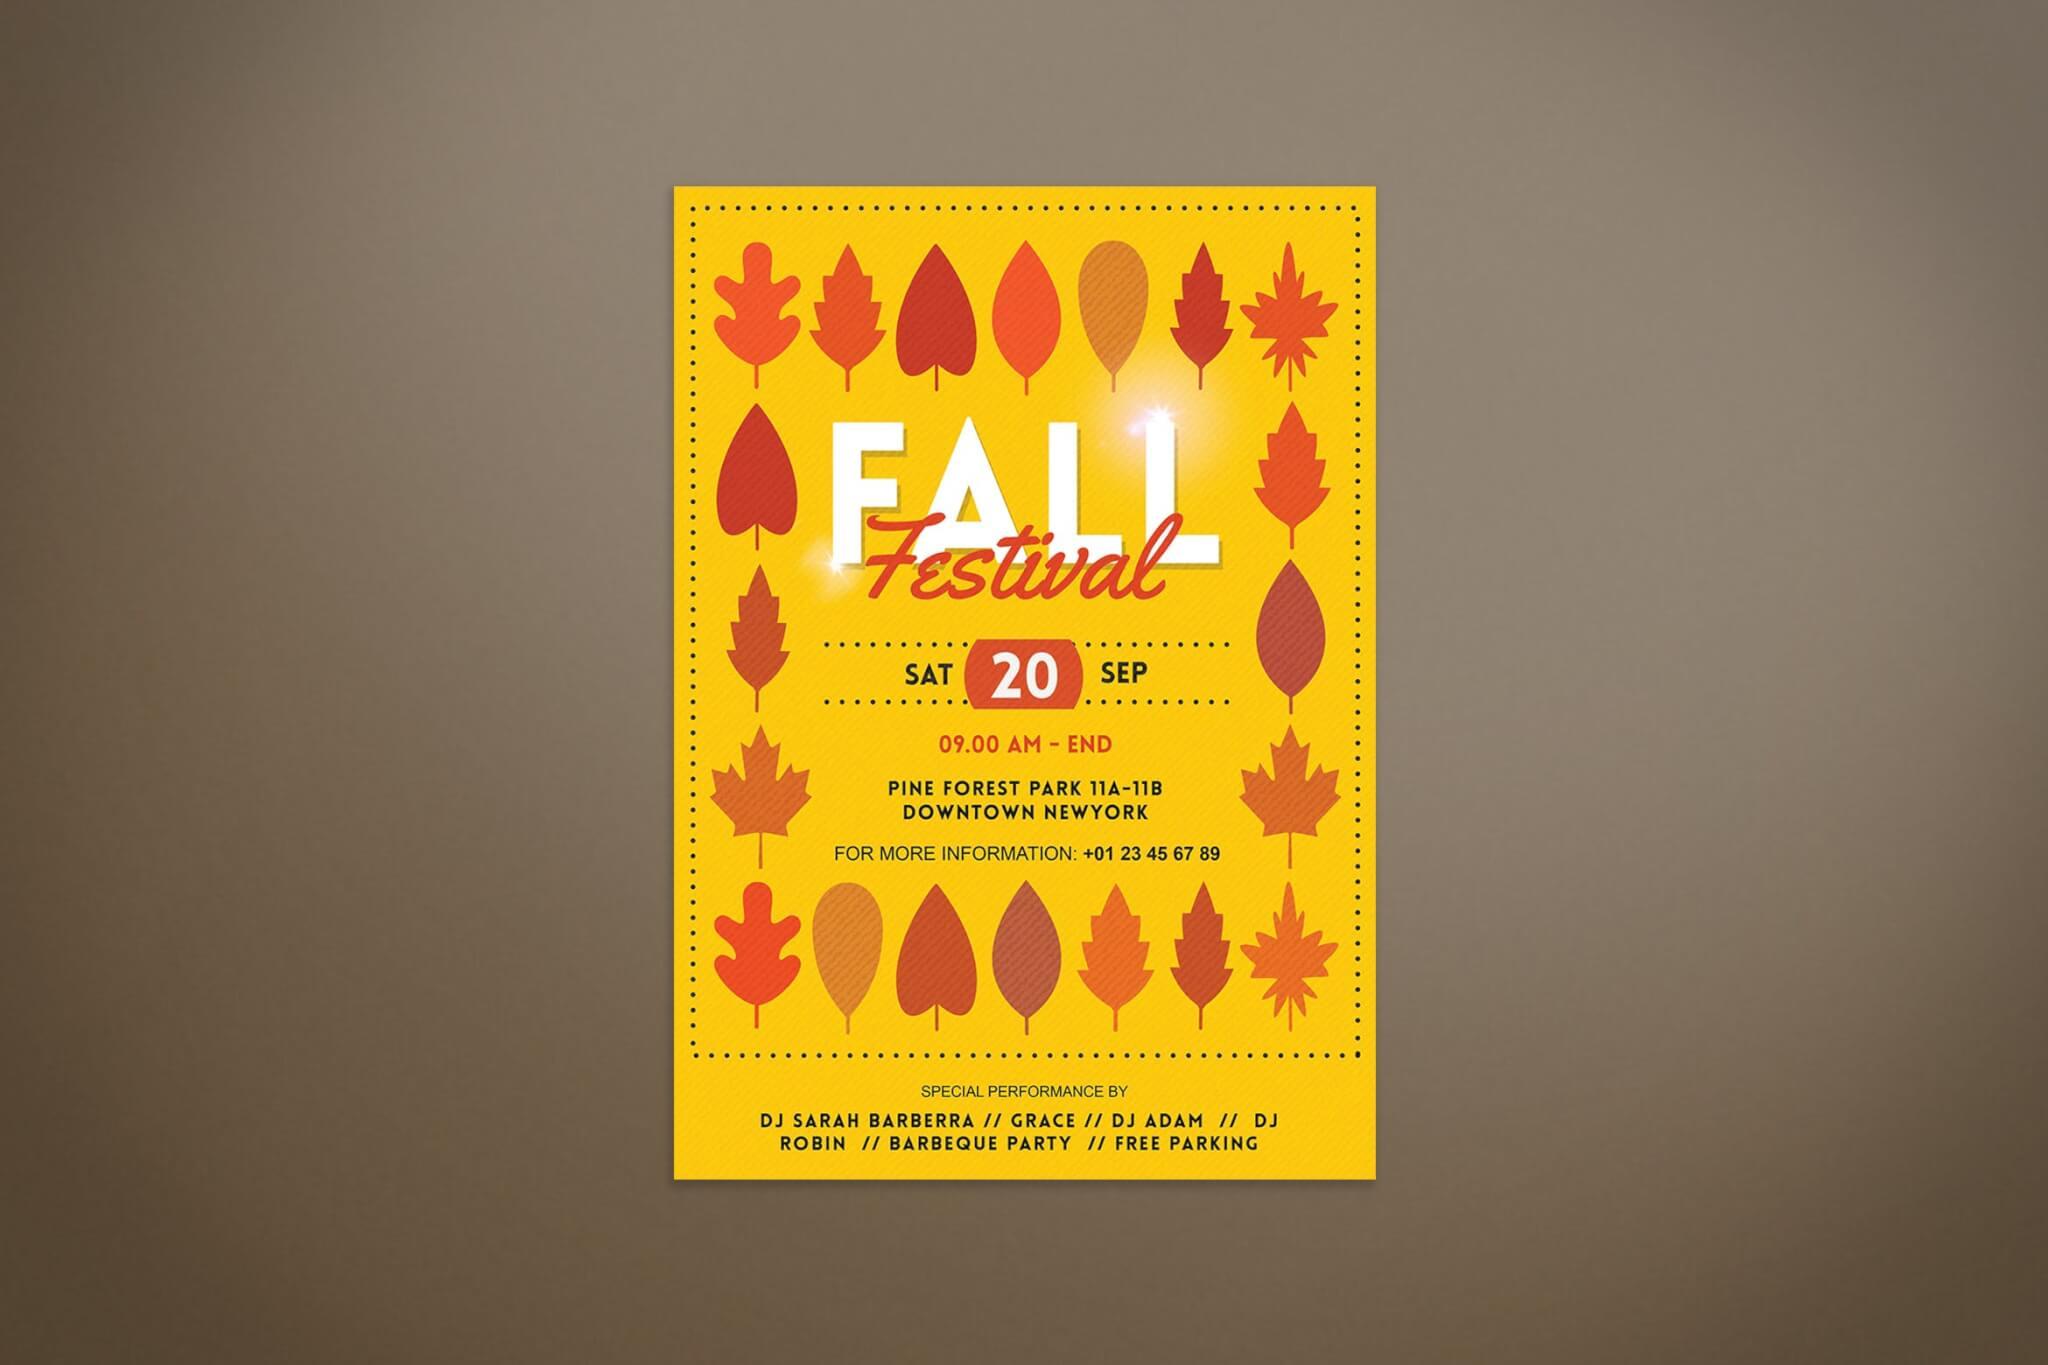 秋季节树木图案海报设计素材